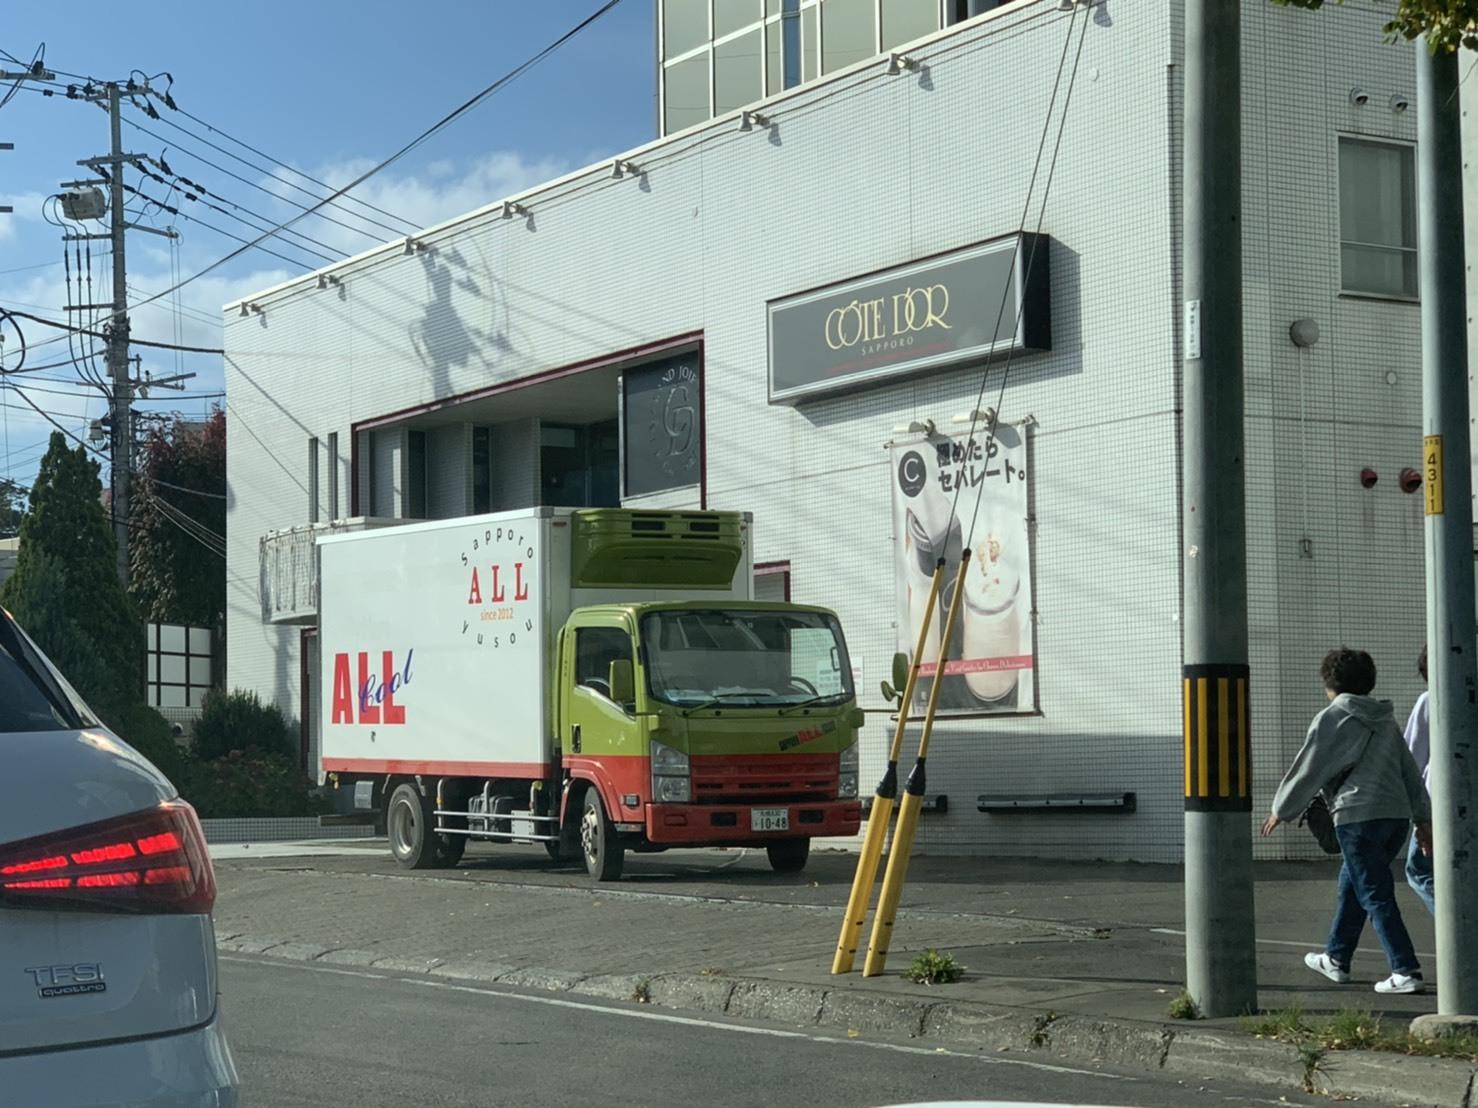 10月29日(火)本店ぶろぐーーハマーH3ありますよ♡ 除雪車レンタルもお任せください✊ ランクル ハマー アルファード_b0127002_19323398.jpg